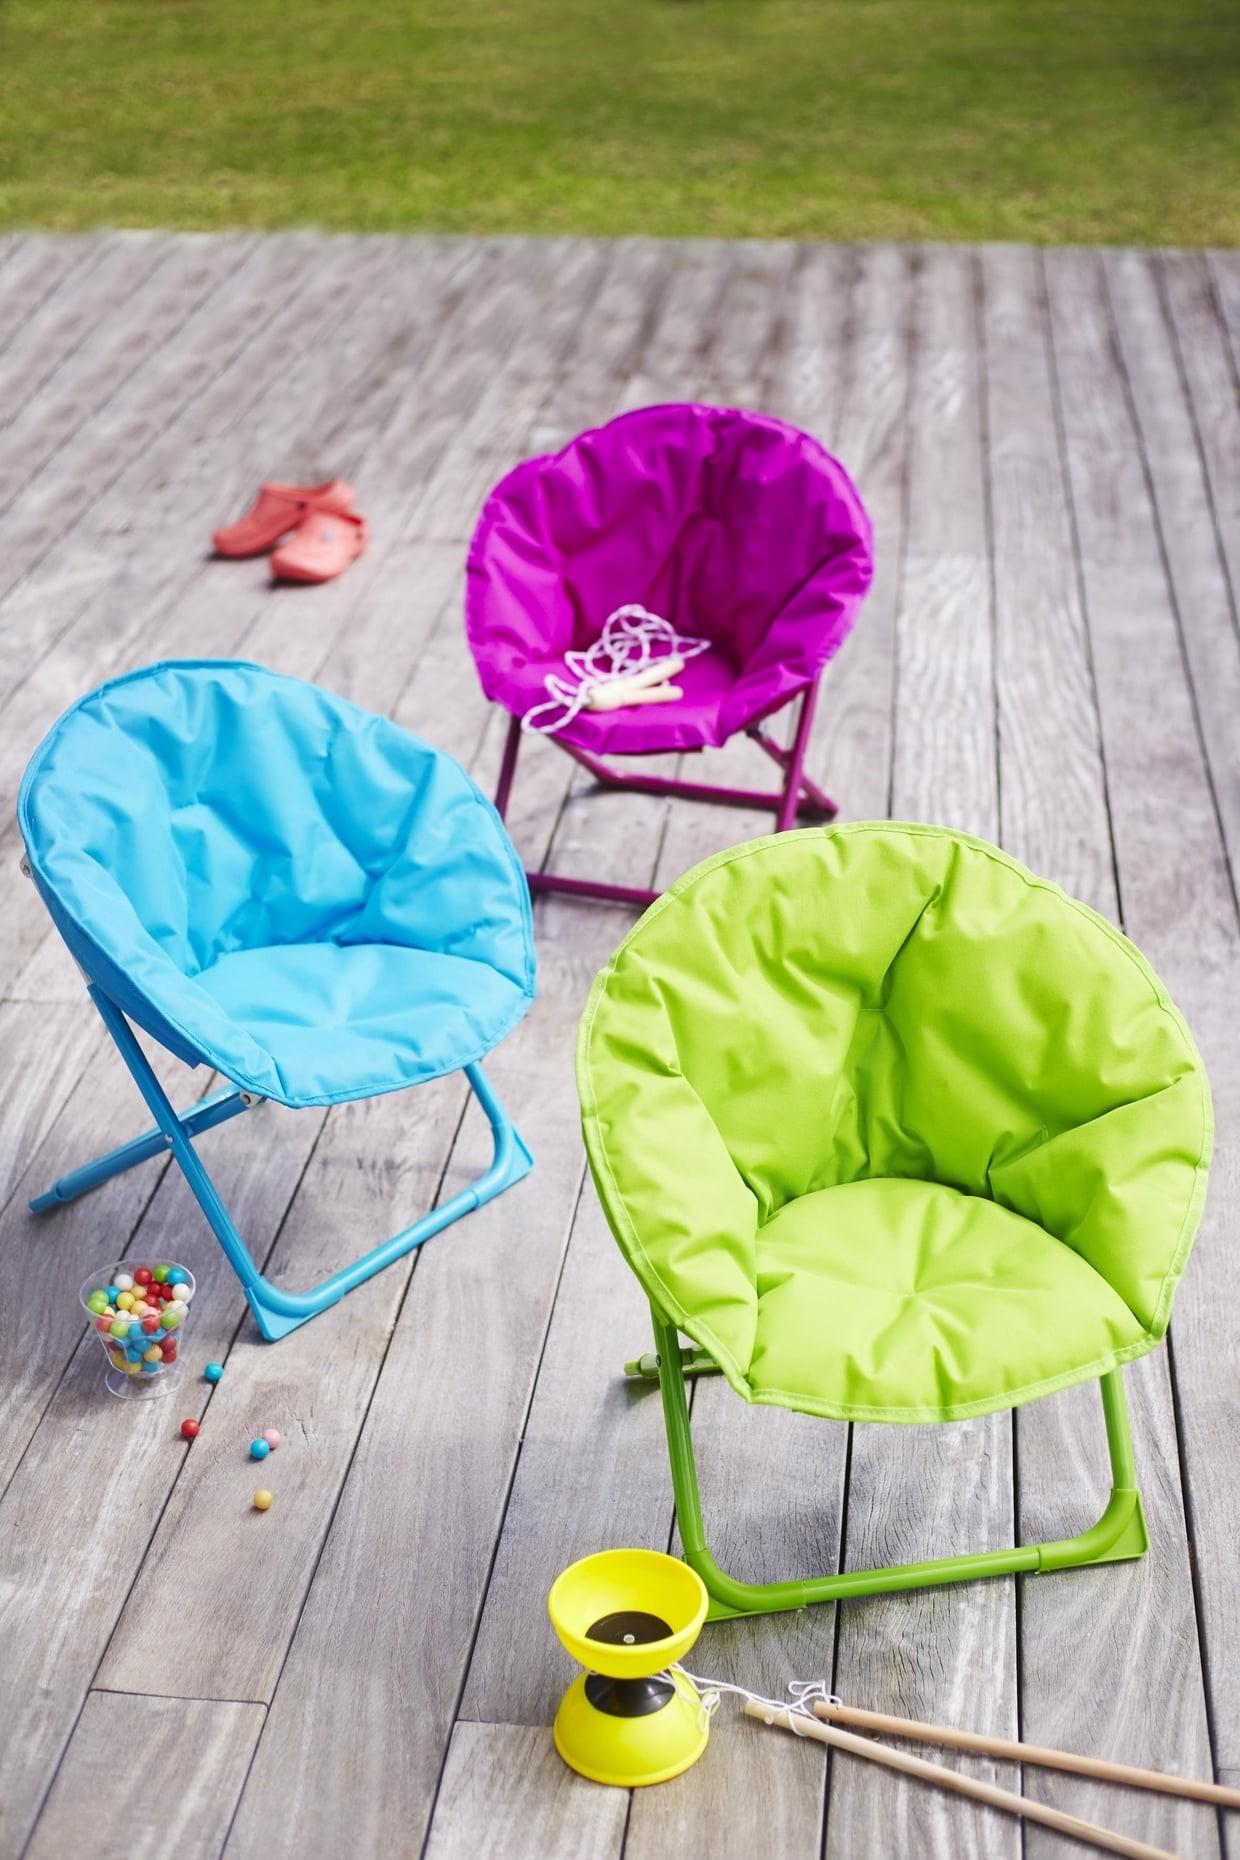 Gifi Housse Clic Clac Meilleur De Images Admiré Table De Jardin Gifi De Plus Incroyable Extérieur Modes Idées